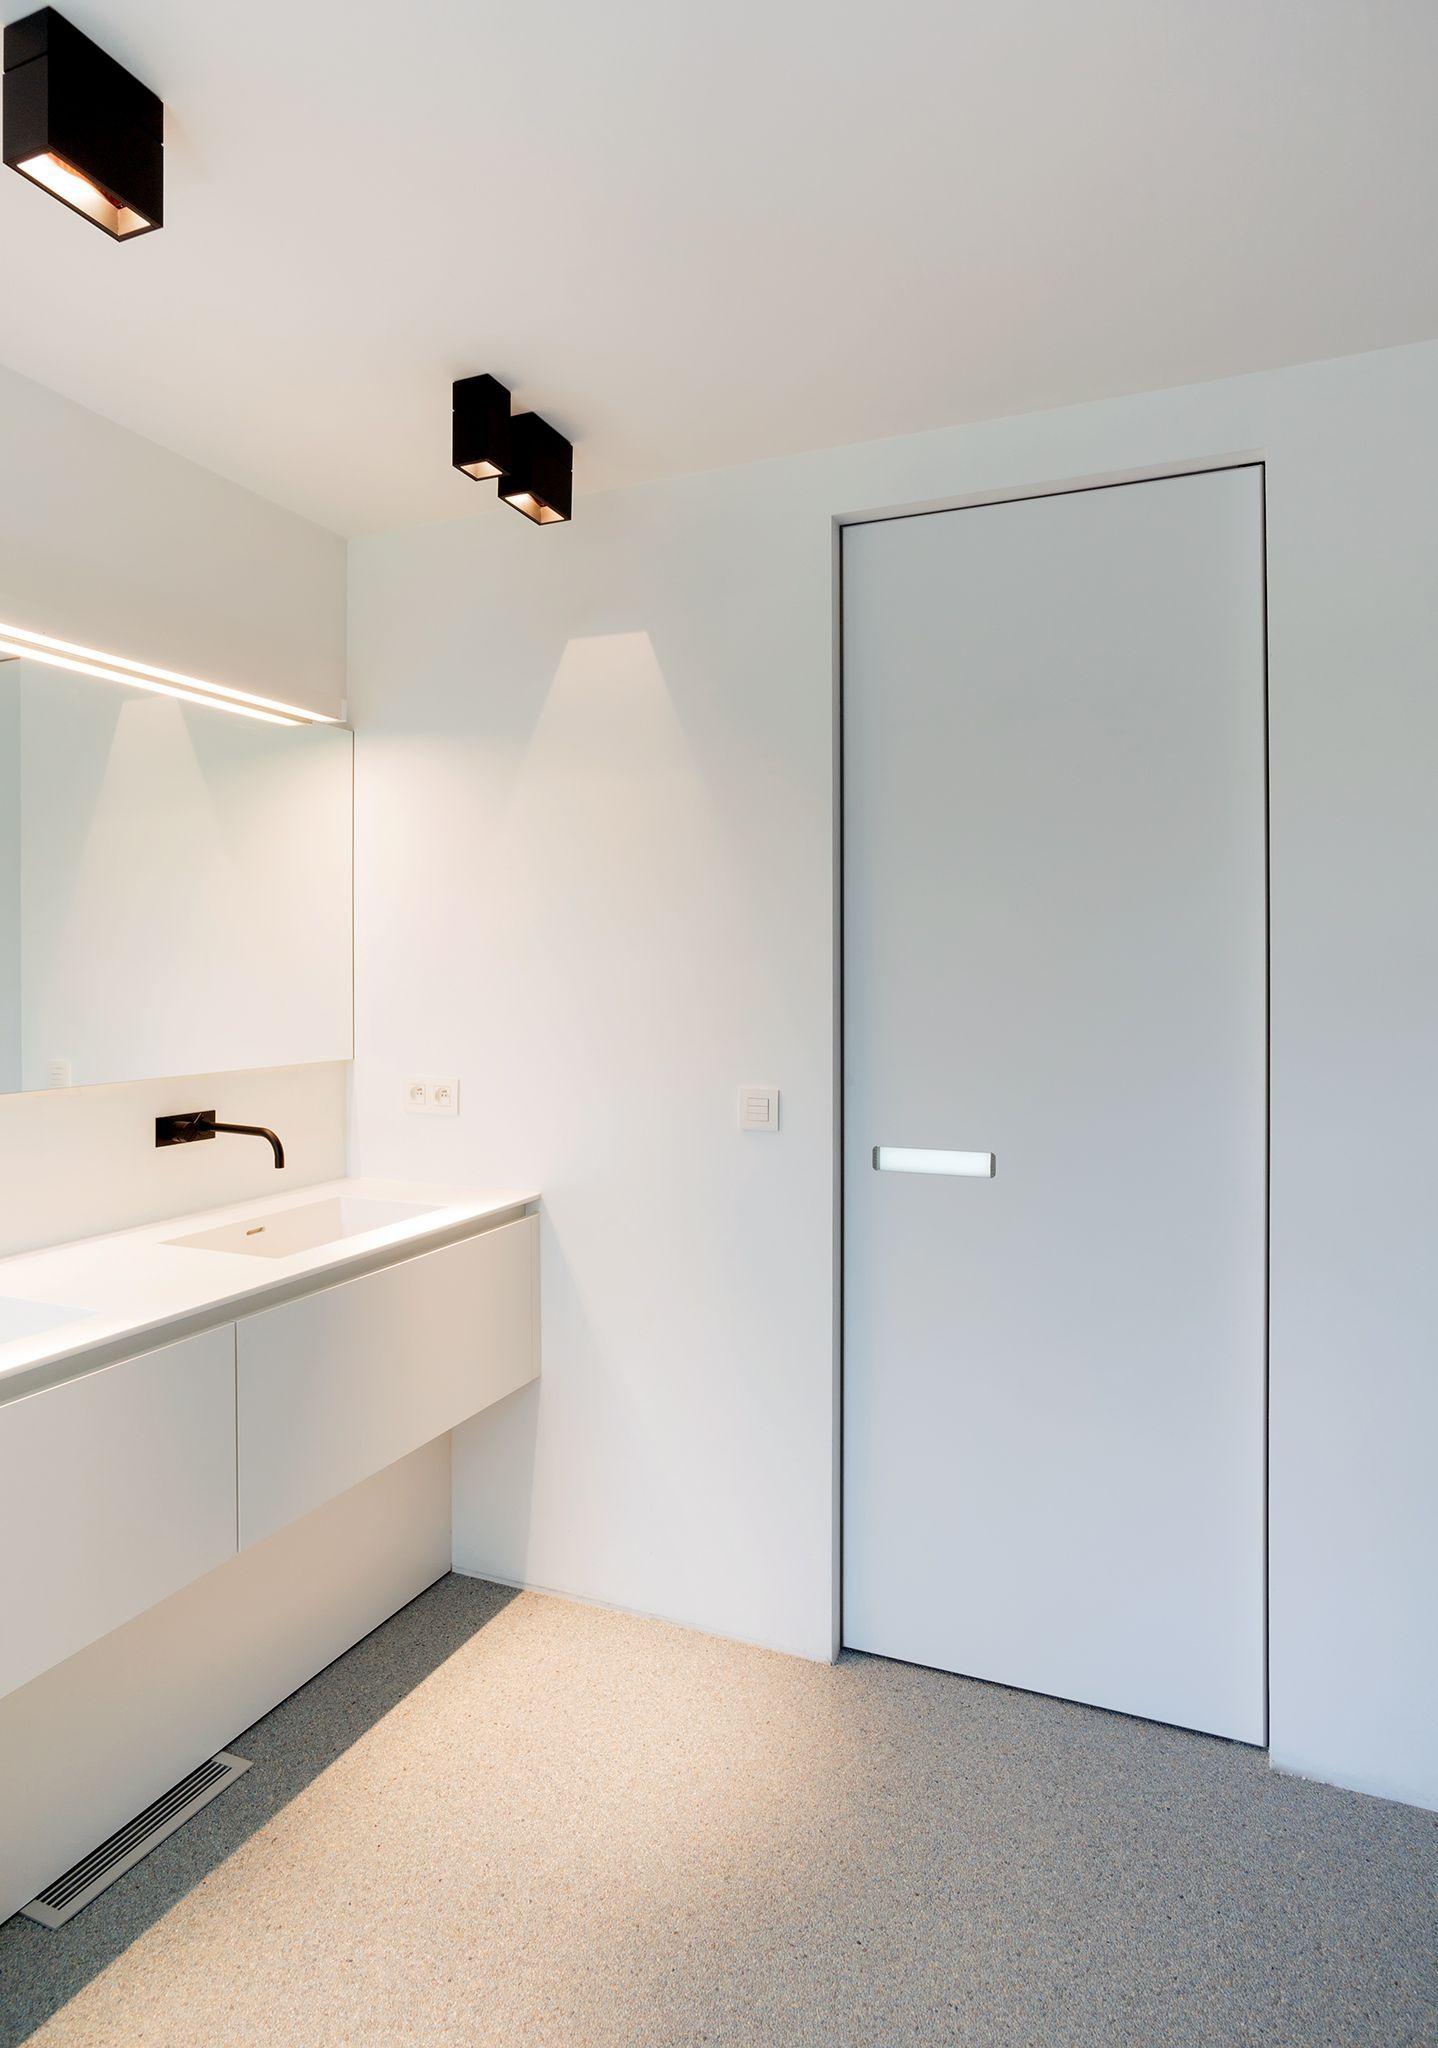 Bedroom Door Handle With Lock: White Interior Door With Invisible Door Frame And A Built